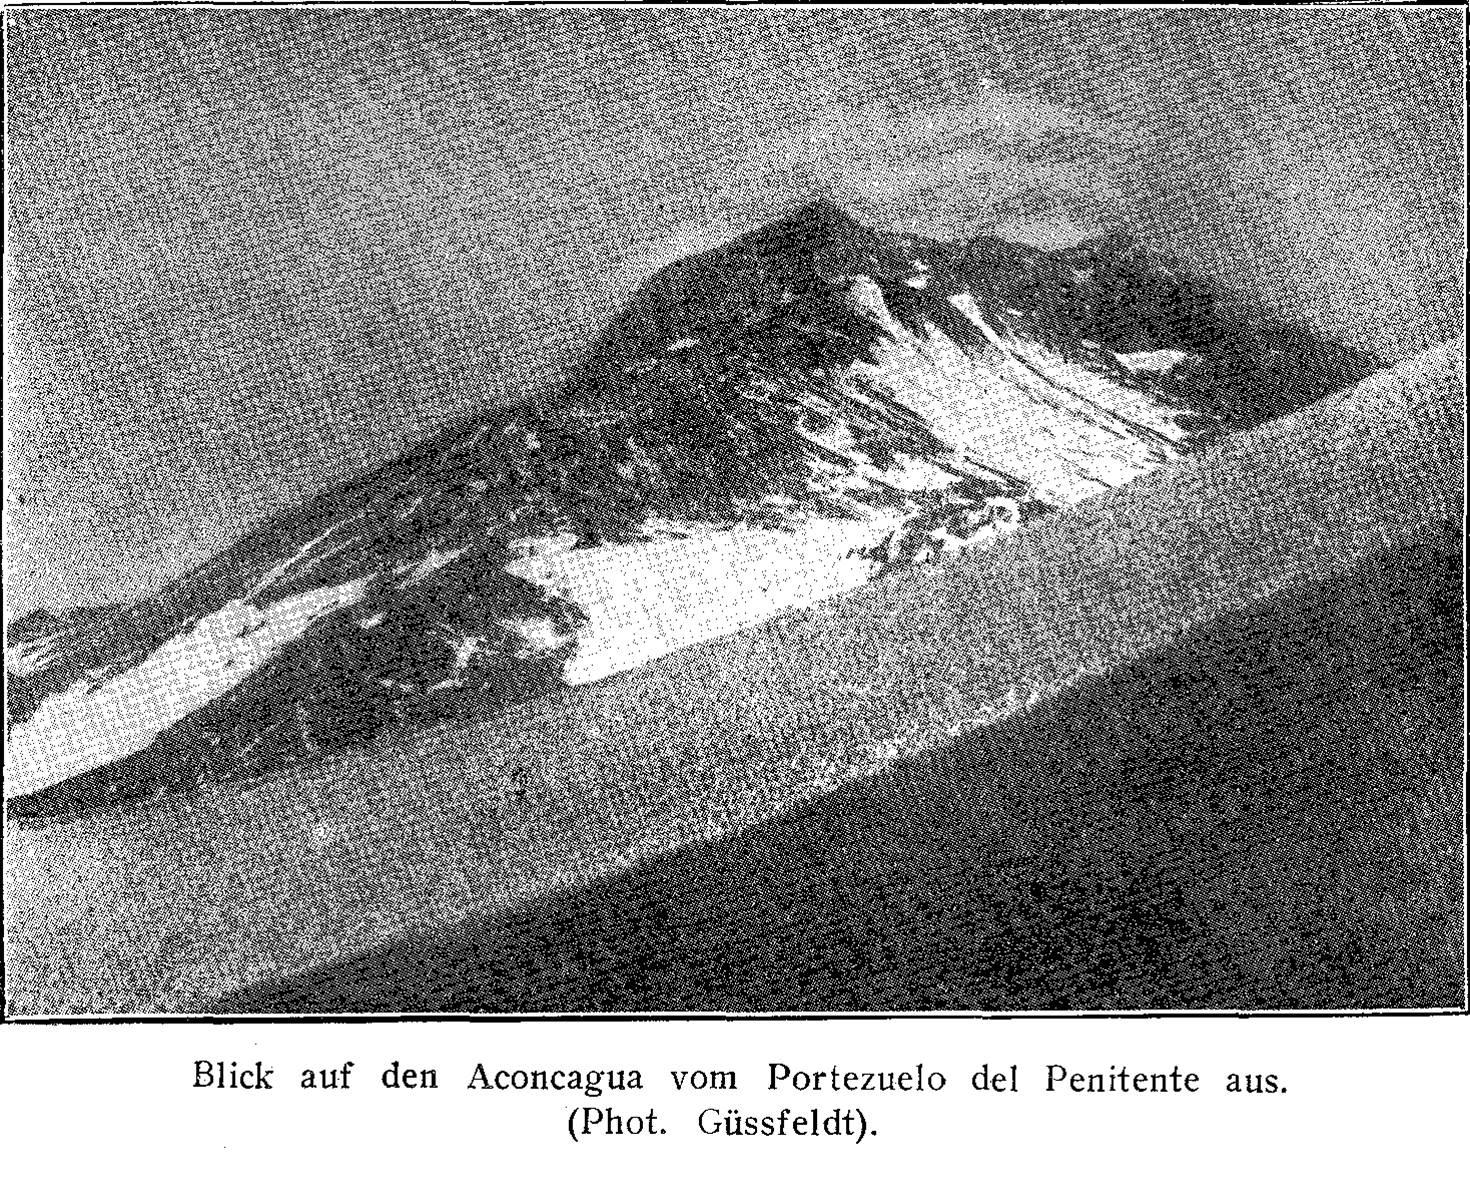 Segundo Intento de Ascenso –  Traducción del relato de Paul Güssfeldt del segundo intento de ascenso al Aconcagua en 1883